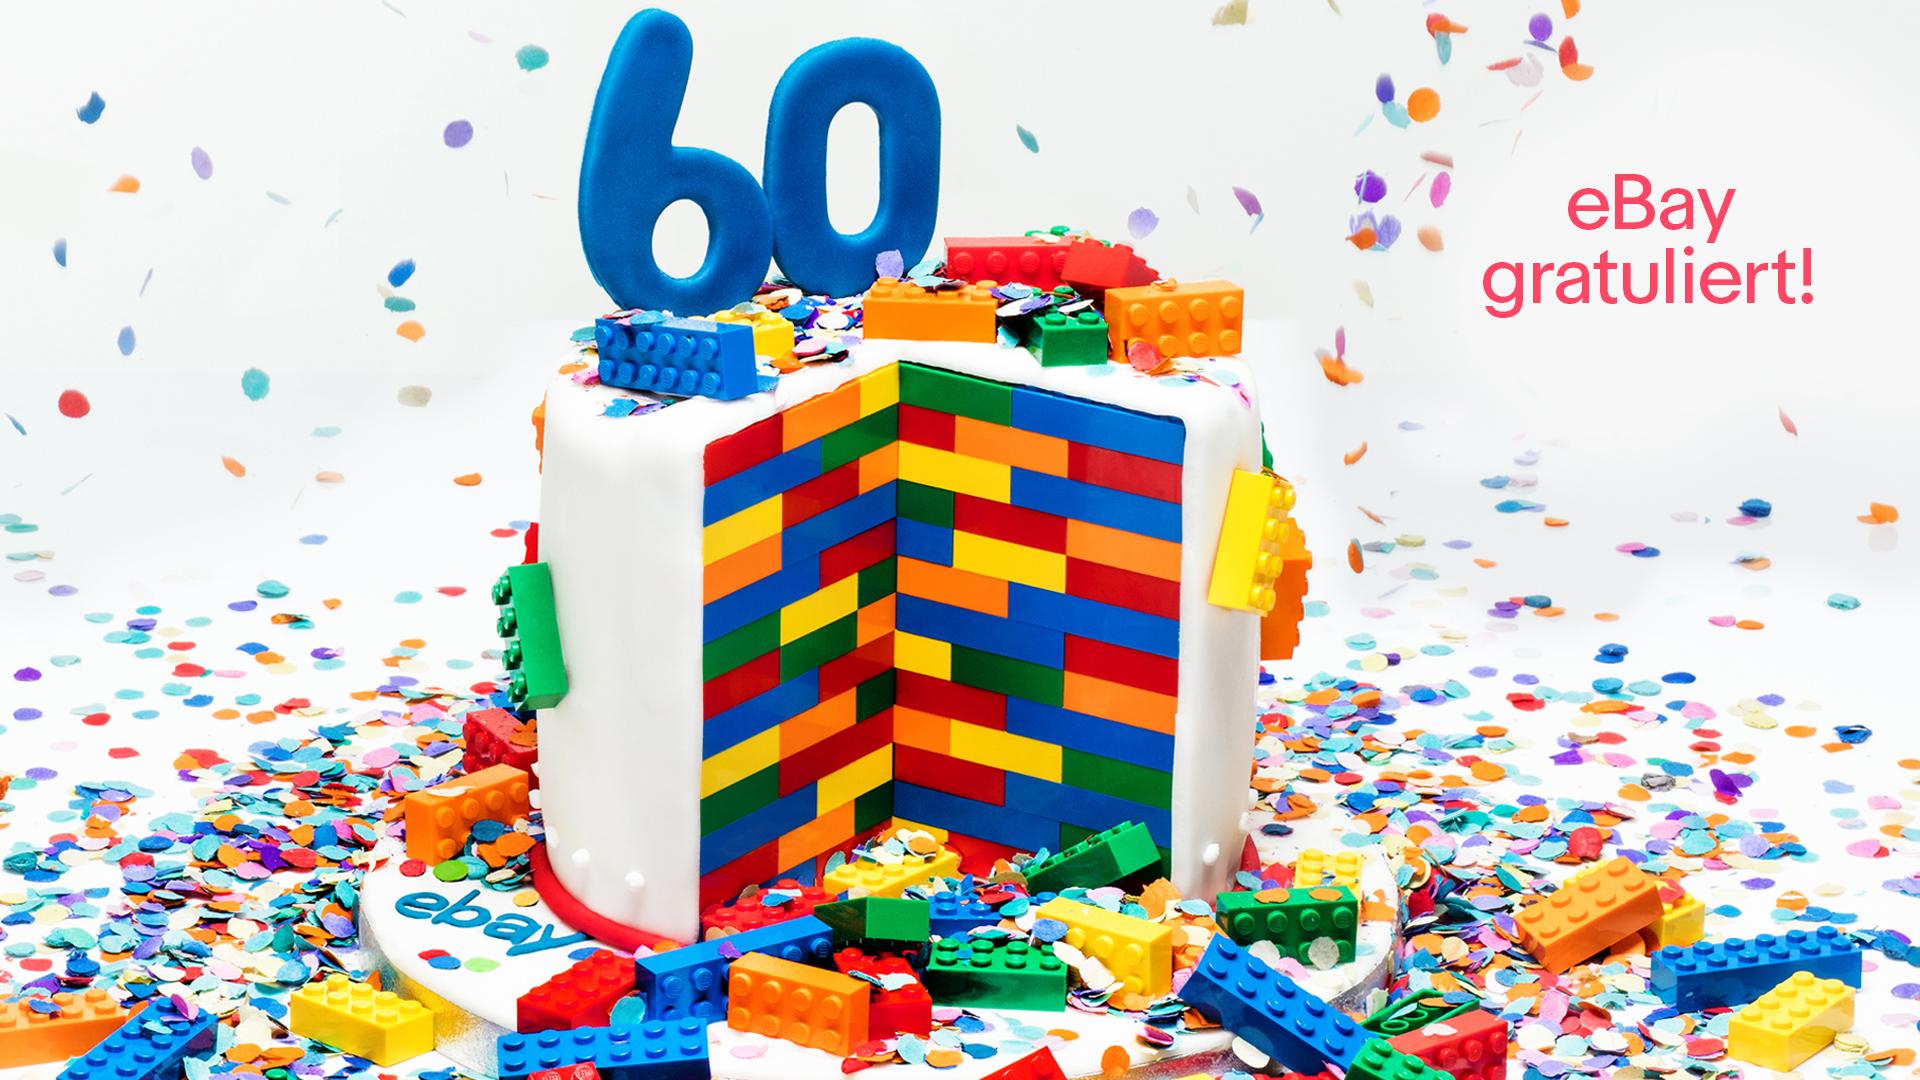 LEGO feiert seinen 60. Geburtstag mit eBay (Foto: eBay)